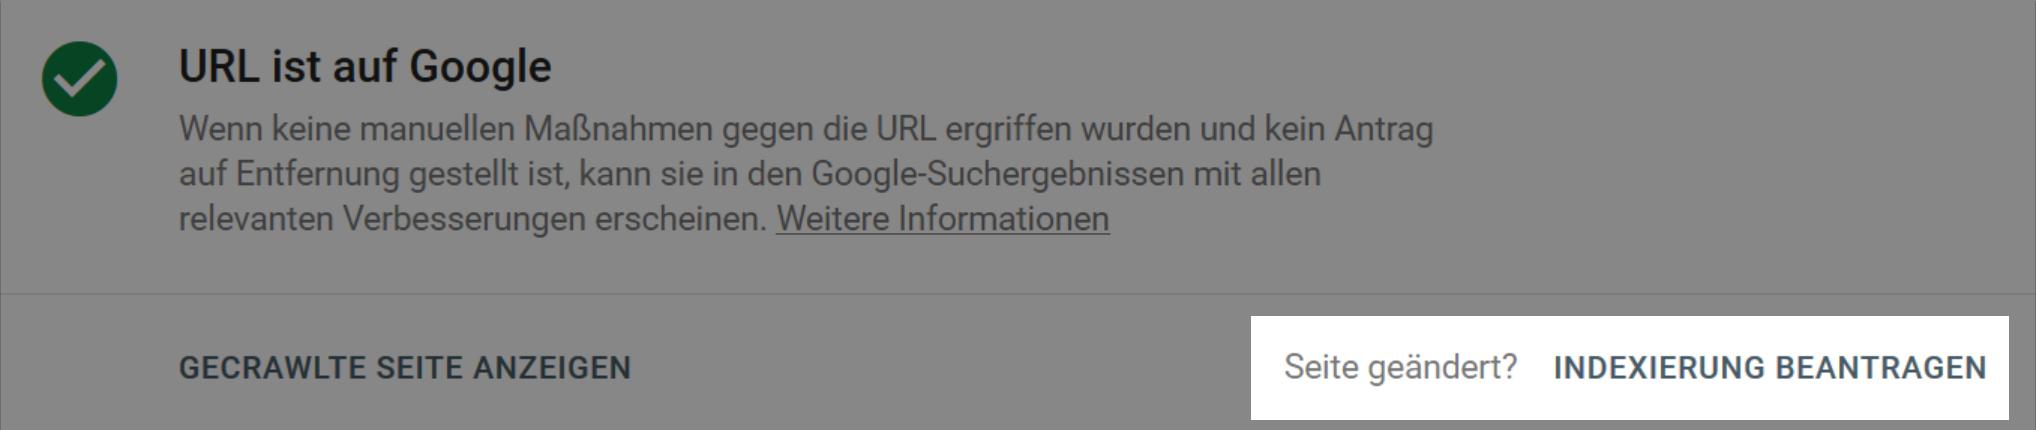 Indexierung durch Google in der Google Search Console beantragen.